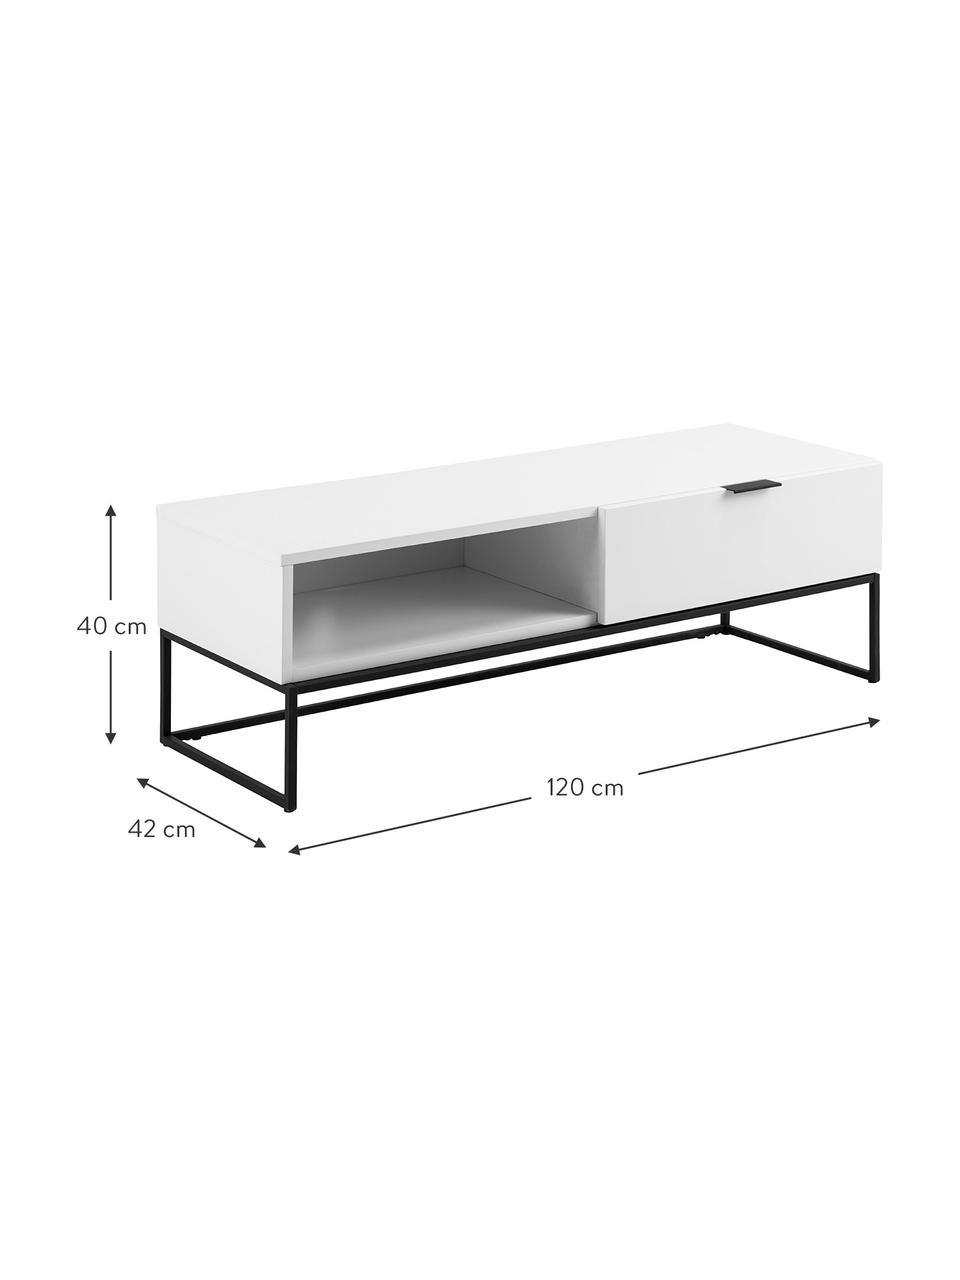 Szafka RTV z szufladą Kobe, Korpus: płyta pilśniowa średniej , Biały, czarny, S 120 x W 40 cm